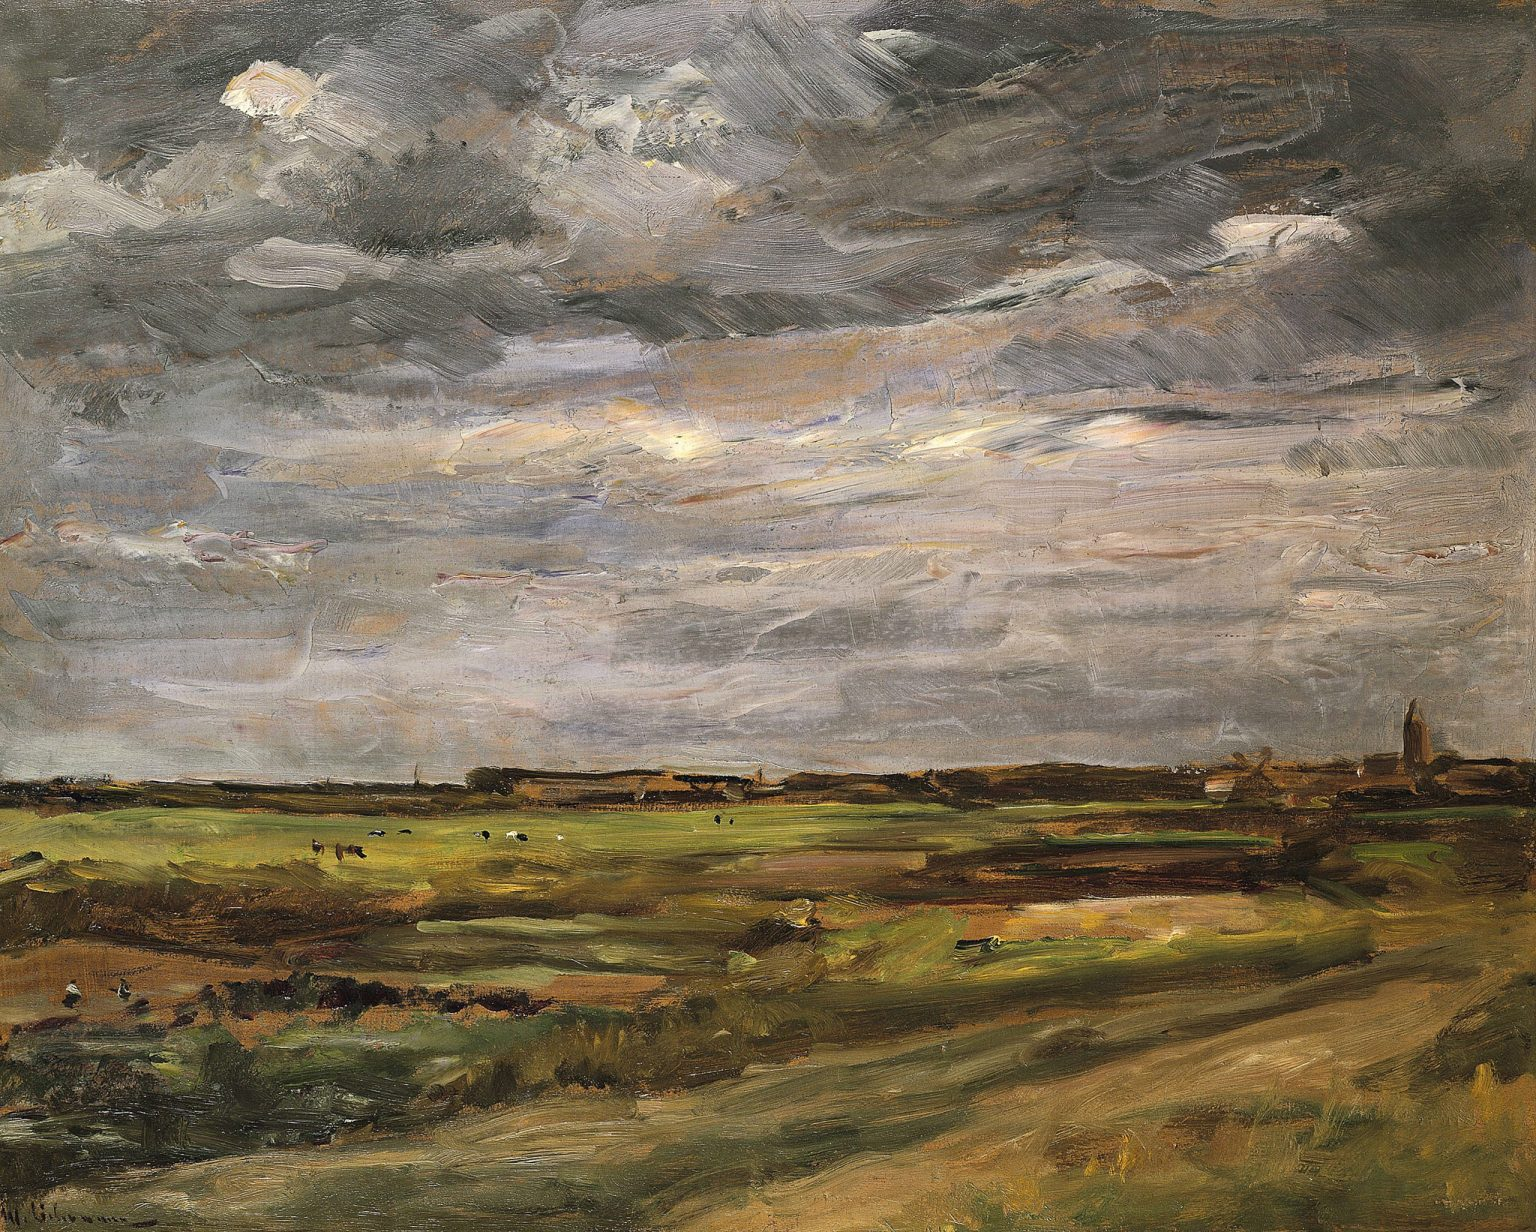 Zu sehen ist eine Landschaft aus dem holländischen Dorf Noordwijk. Im Vordergrund sind Felder. Am Horizont ist das Dorf mit Kirchturm zu sehen. Im Himmelbereich sind große dunkle Wolken zu sehen.